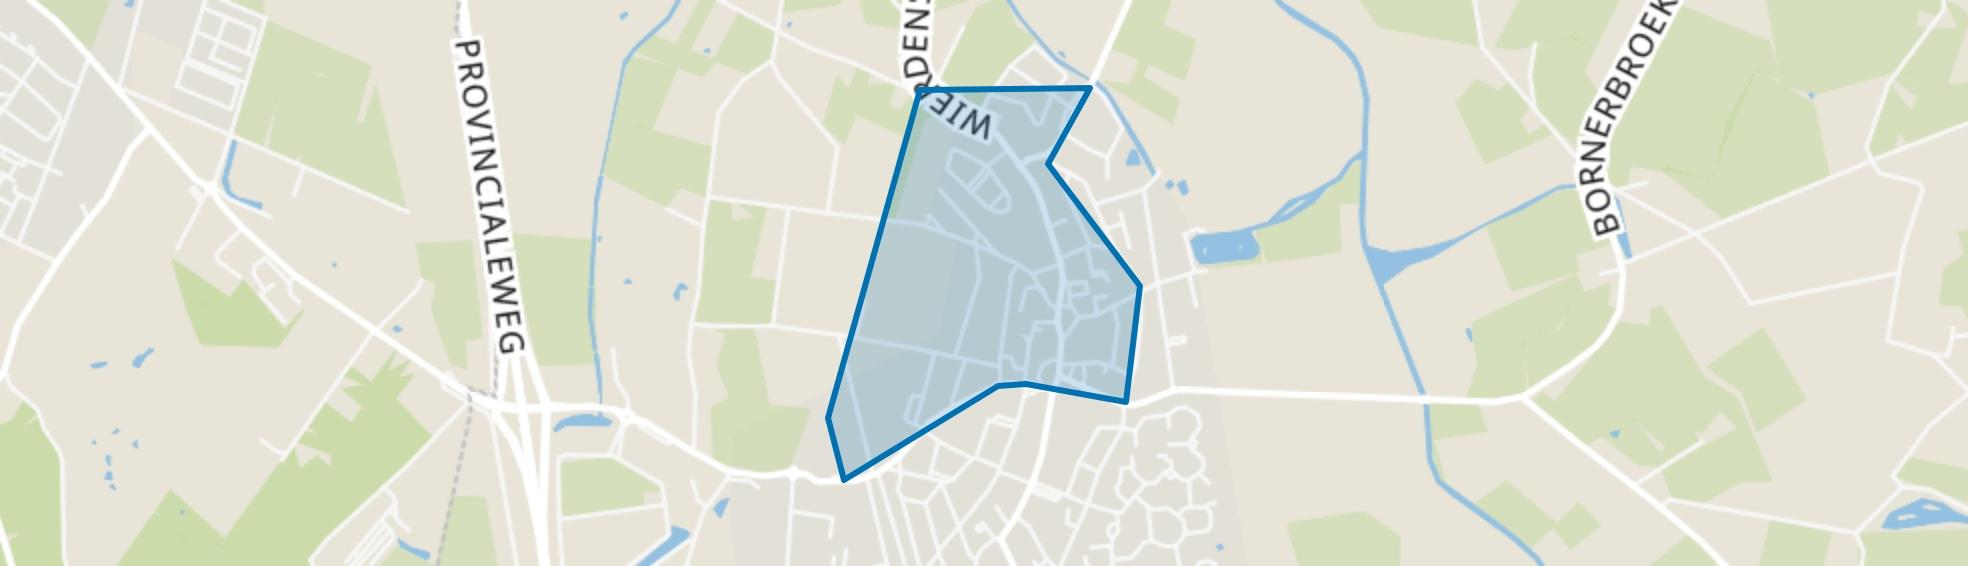 Enter-Noordwest, Enter map